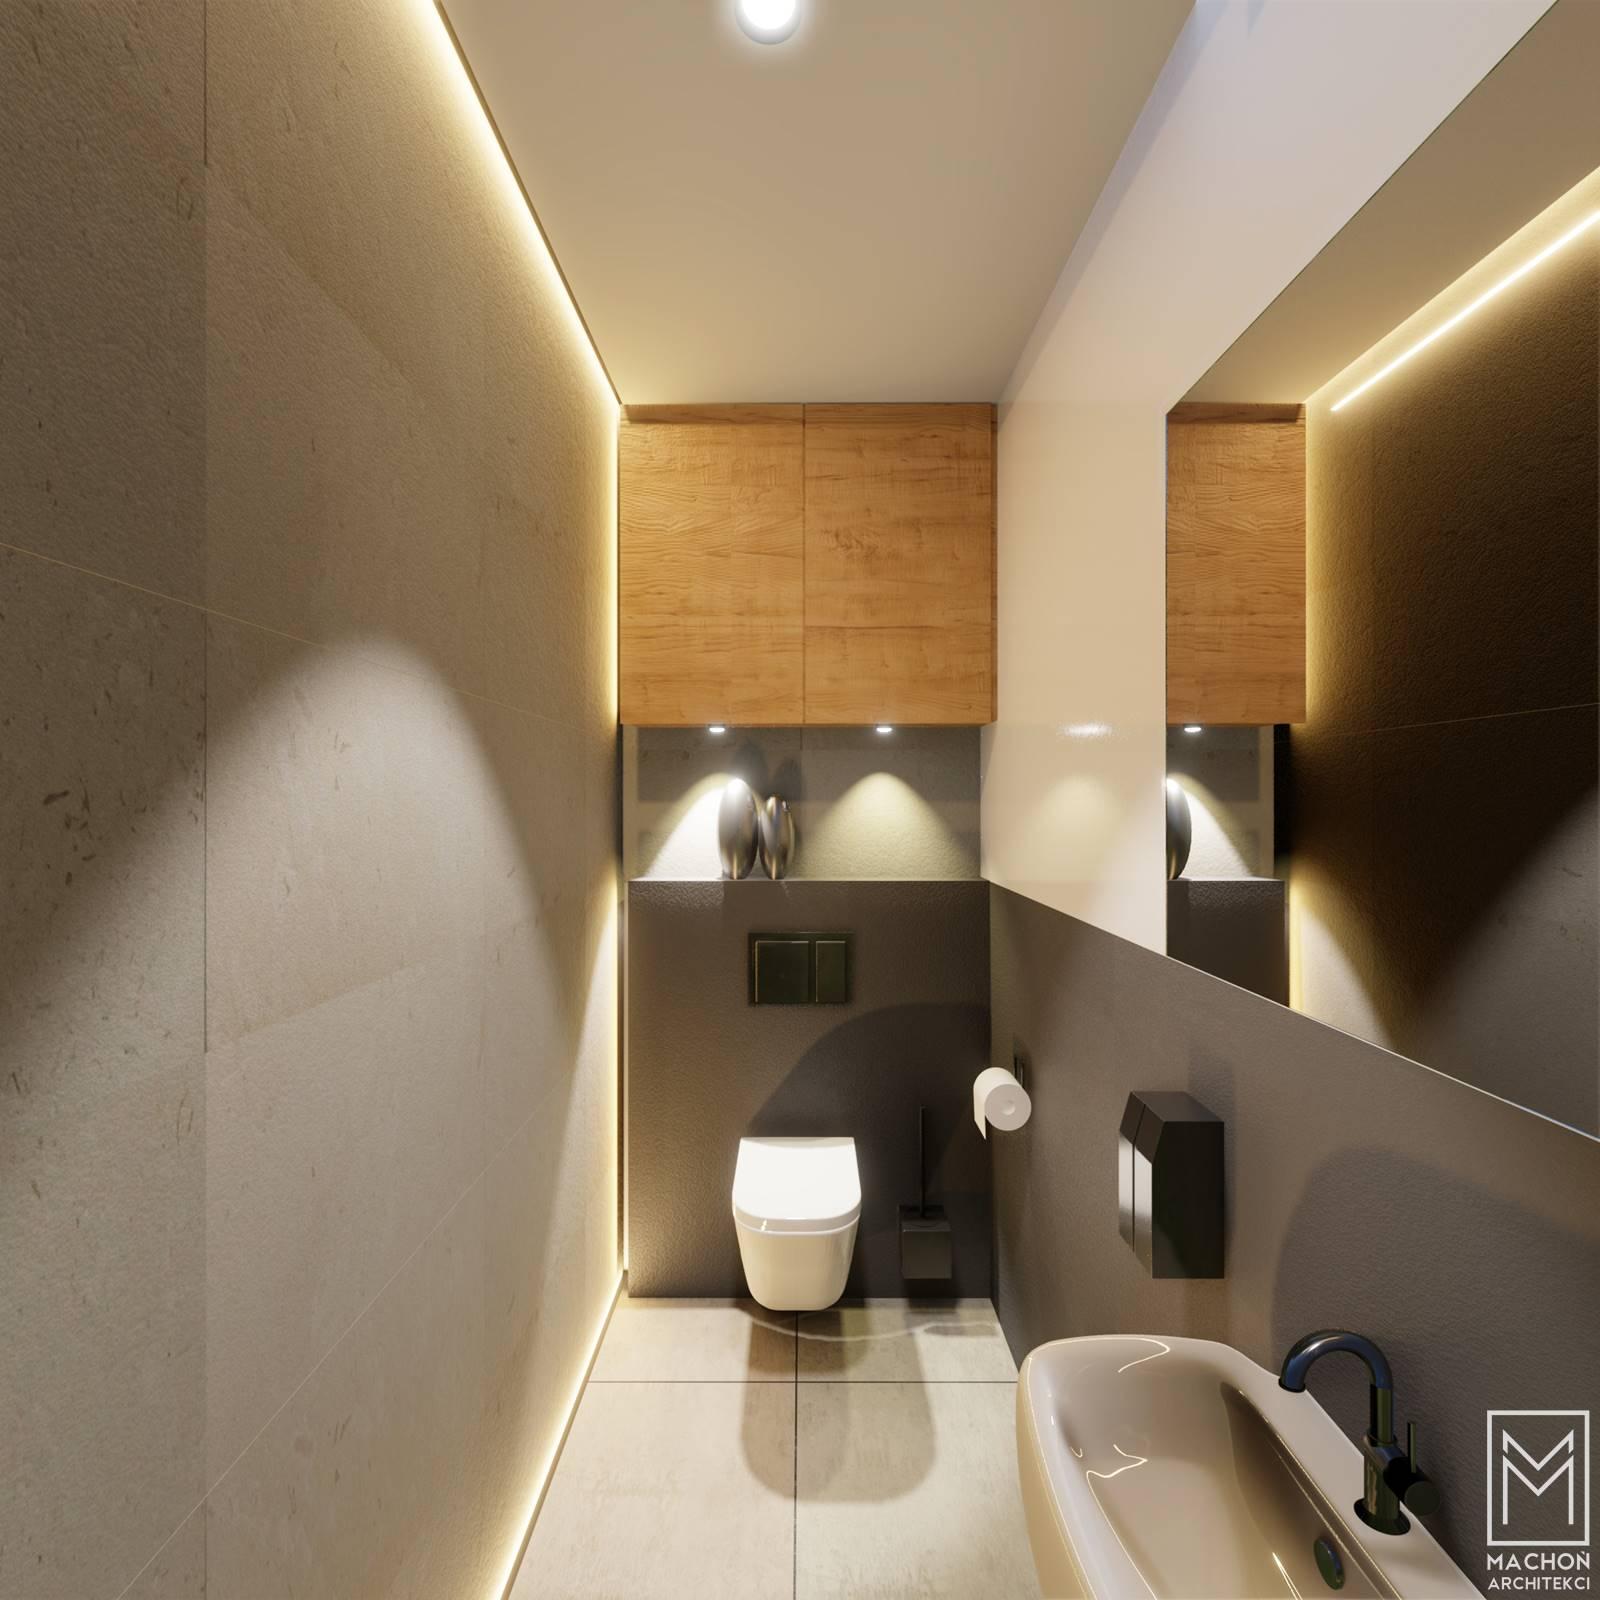 projekt małej łazienki z wc